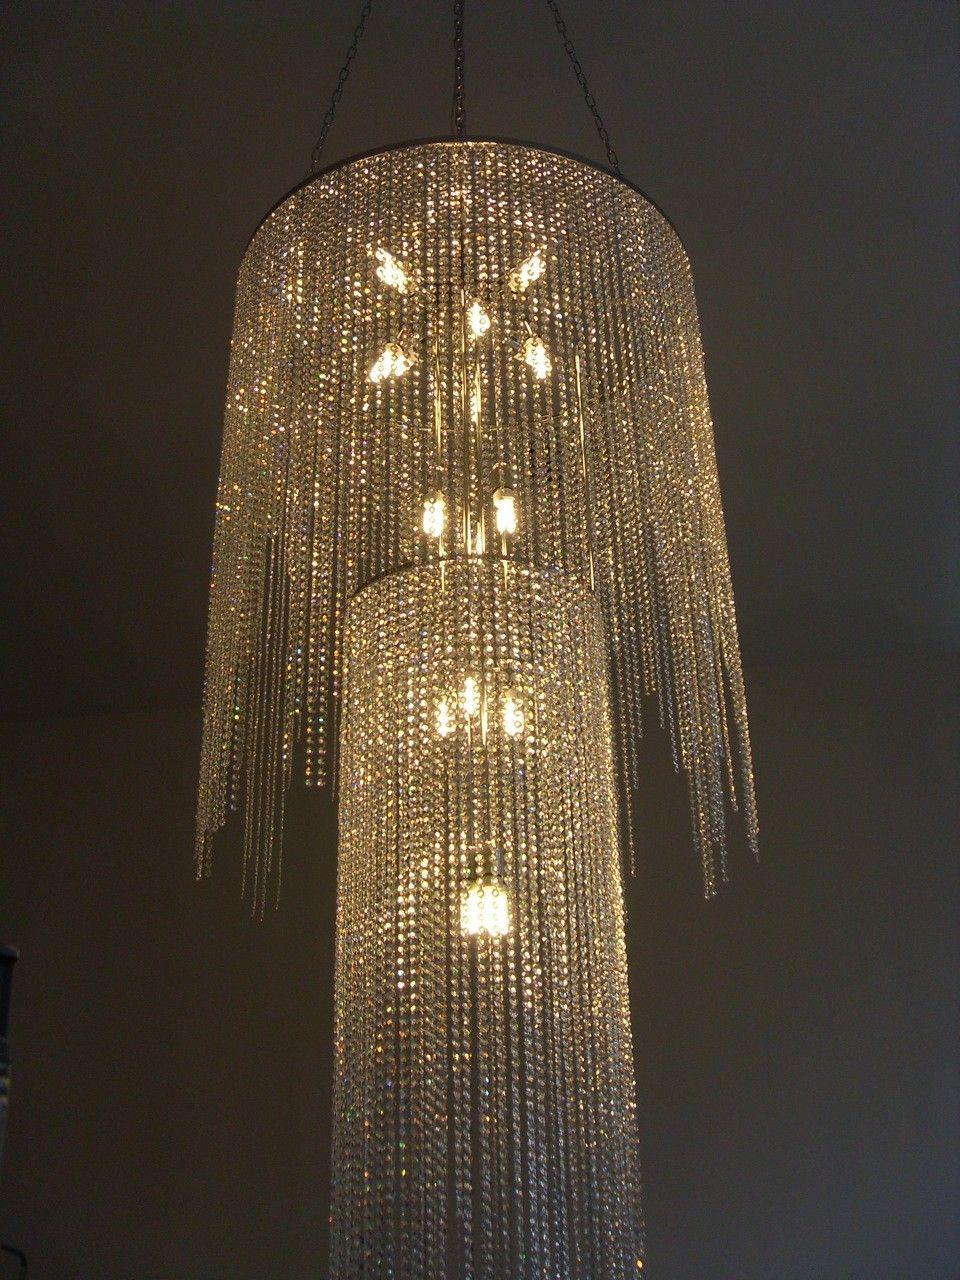 Chandelier bespoke double tier circular chandelier master bed chandelier bespoke double tier circular chandelier arubaitofo Images